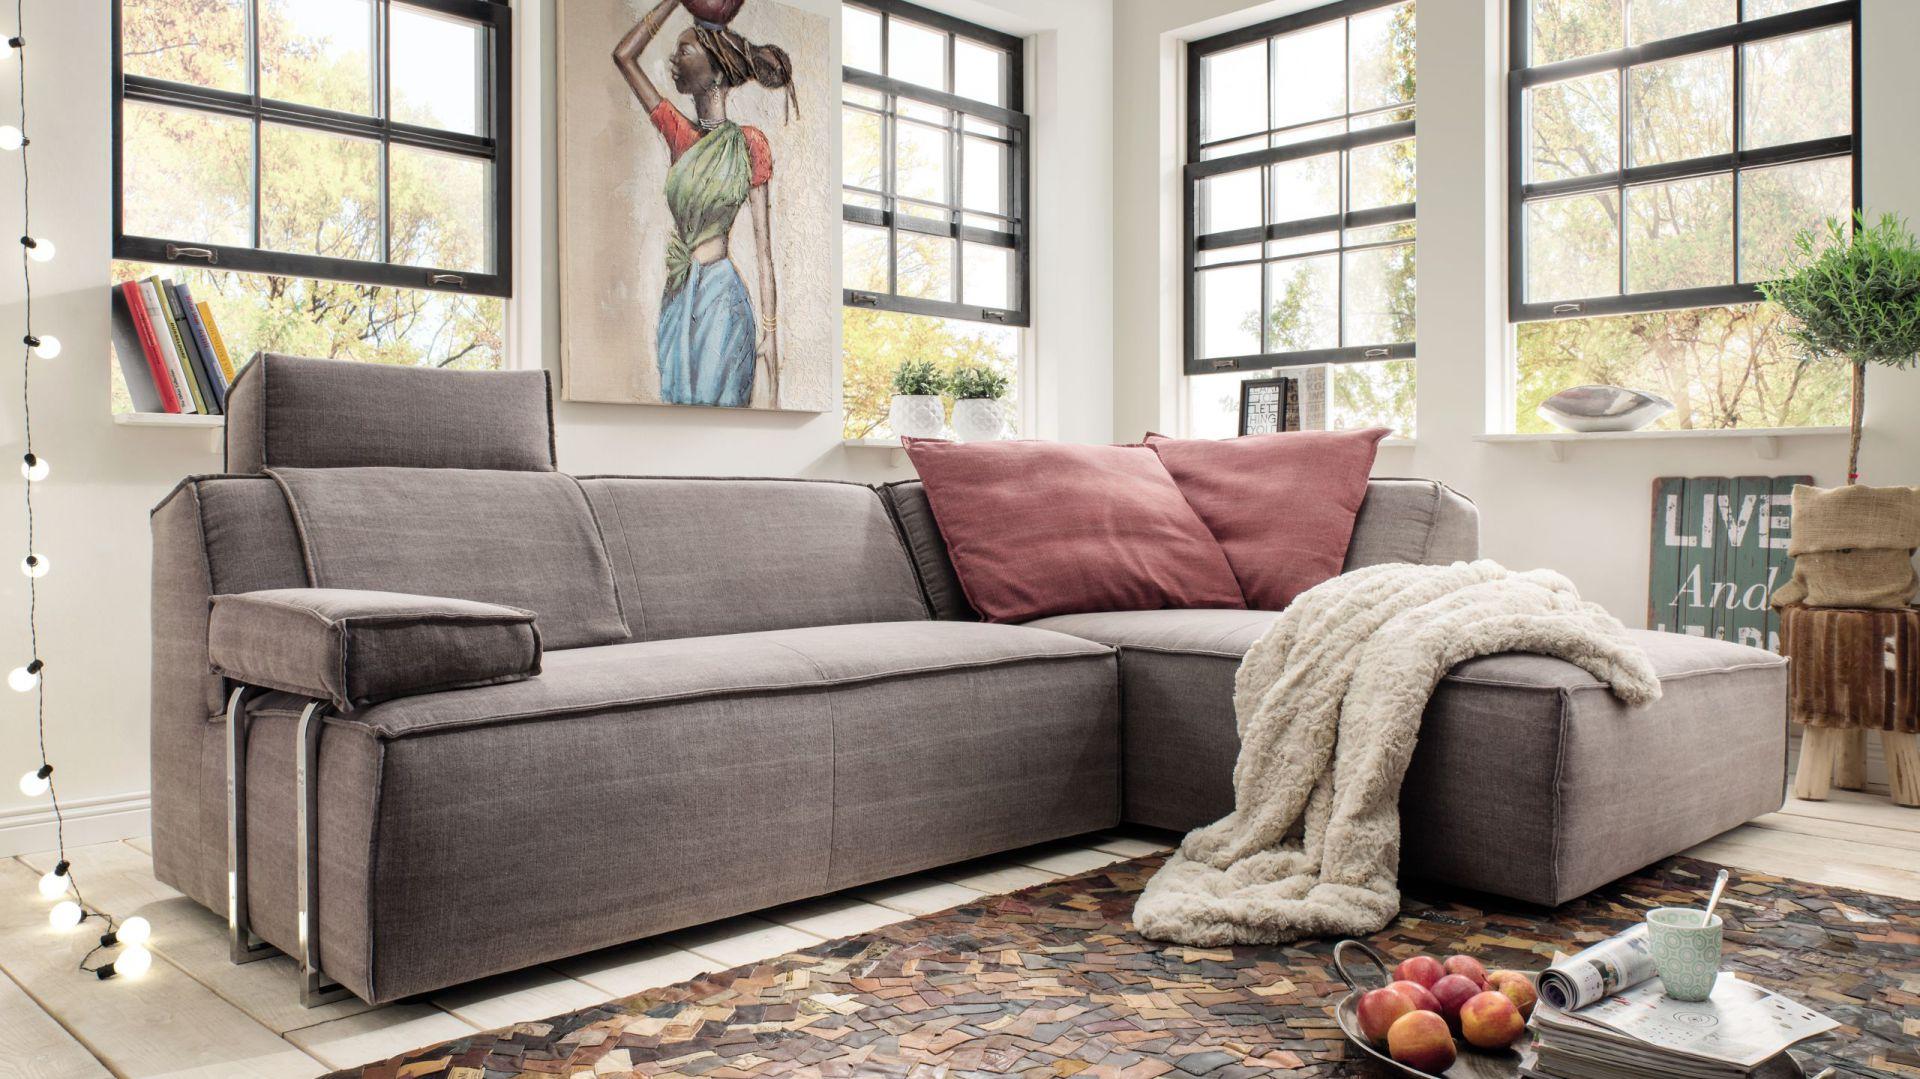 Kolekcja mebli wypoczynkowych Fioli dają możliwości wielokrotnej, szybkiej zmiany ich ustawienia. Od 4.910 zł (narożnik). Fot. Livingroom